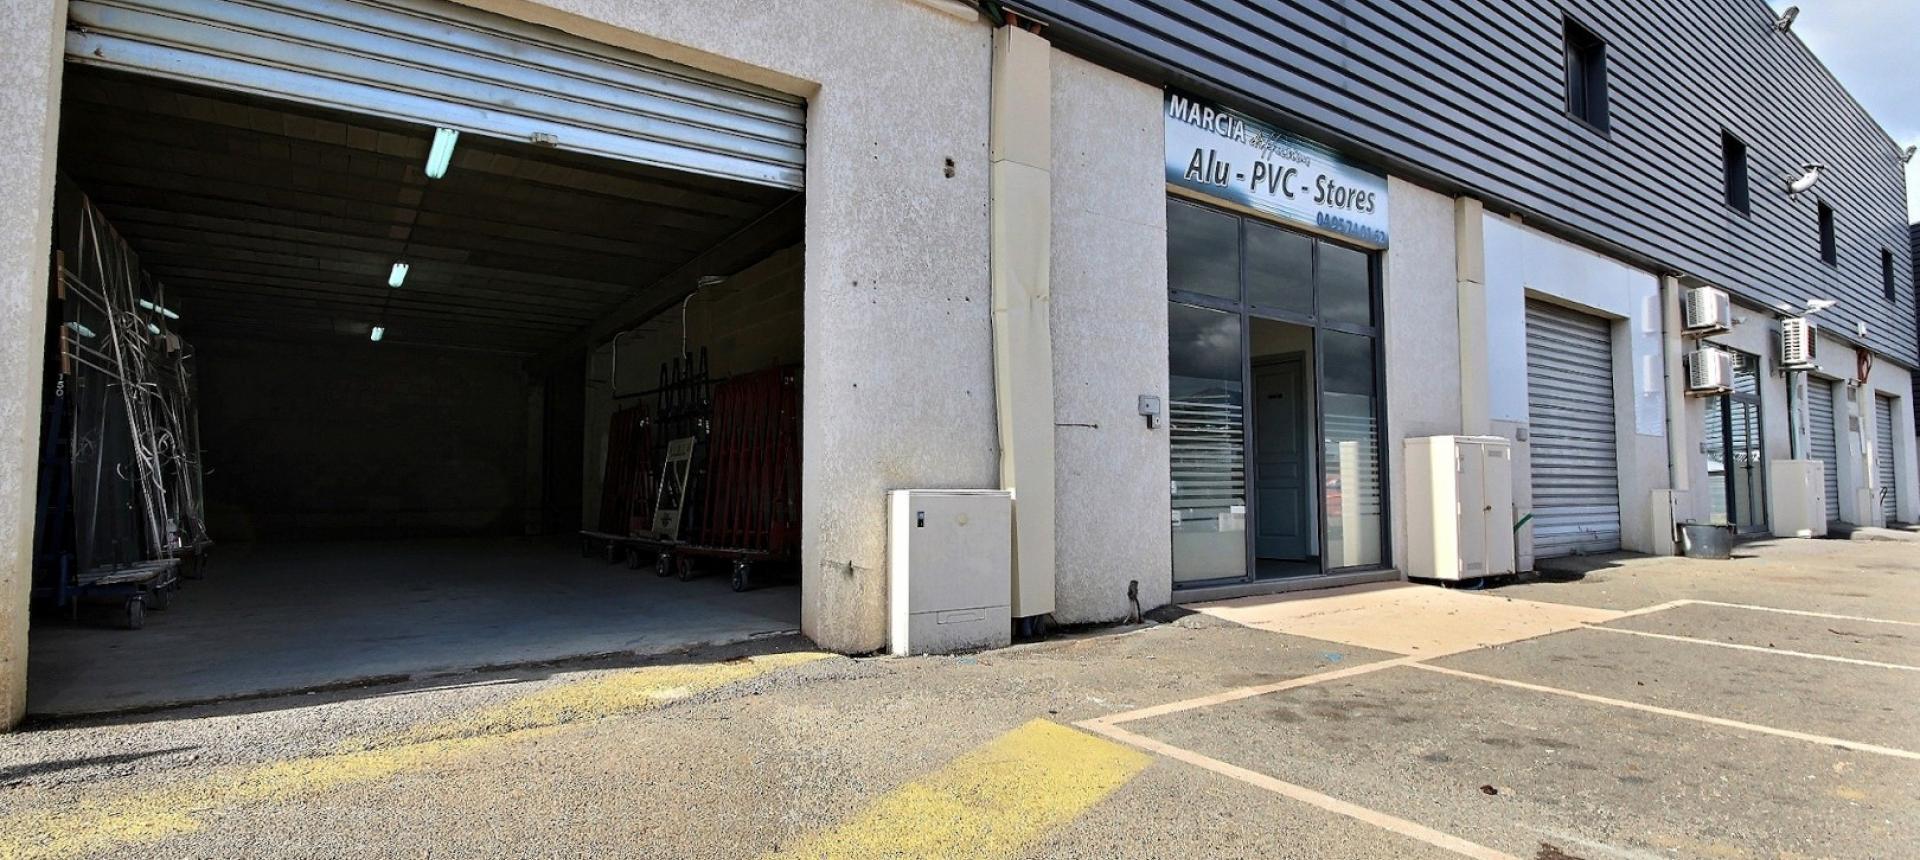 Local à louer  Parc d'activités de Mezzavia  vue extérieure partie dépôt